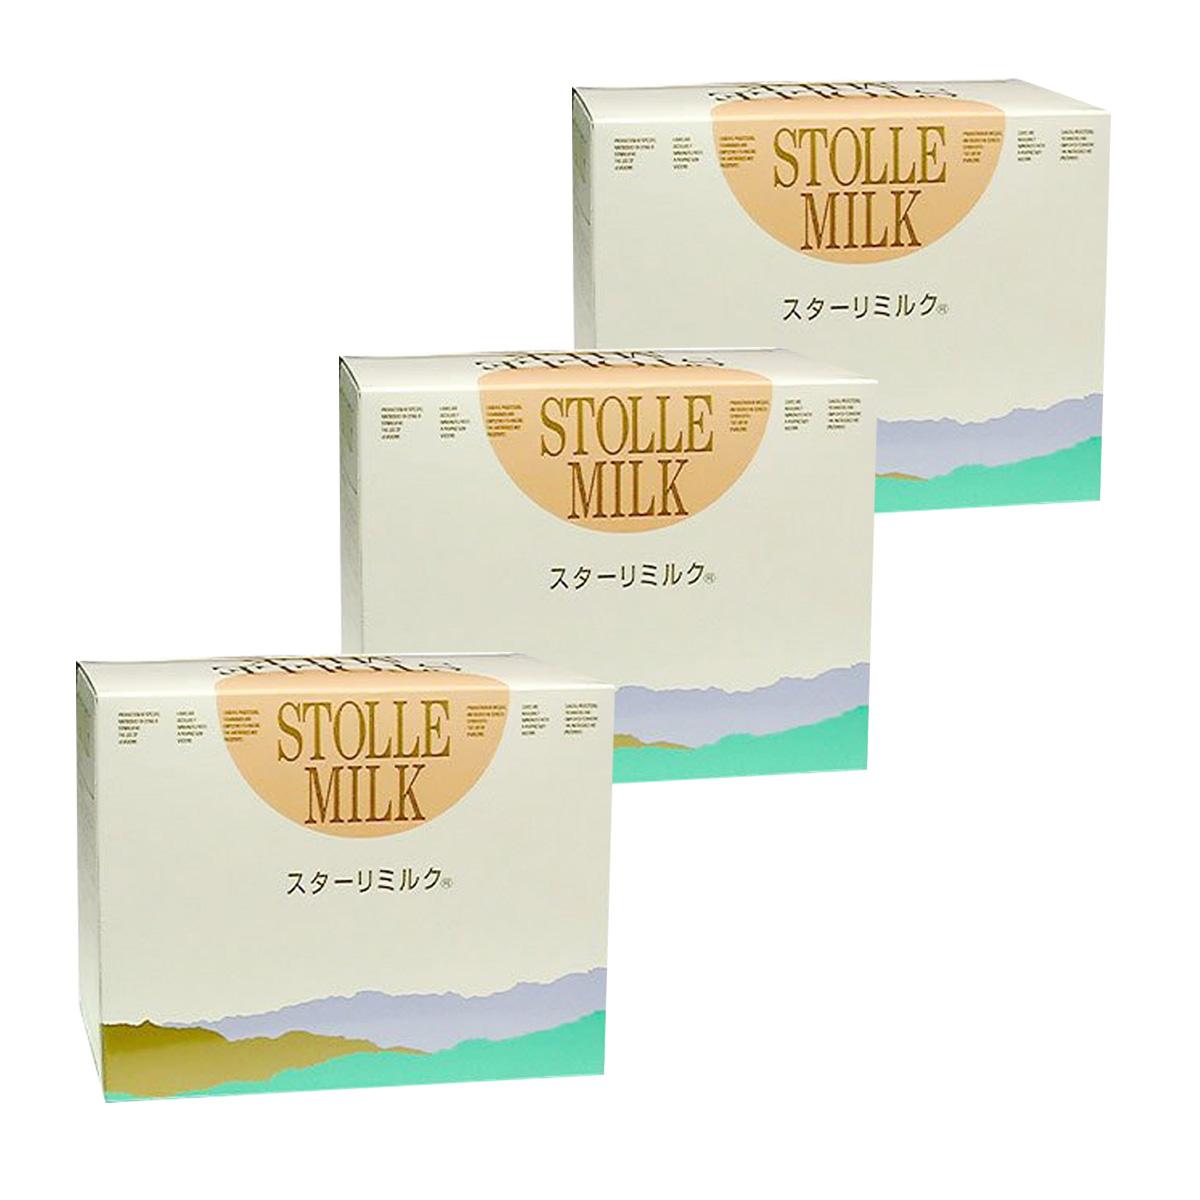 【送料無料】スターリミルク (20g×32袋) お得な3箱まとめ買い